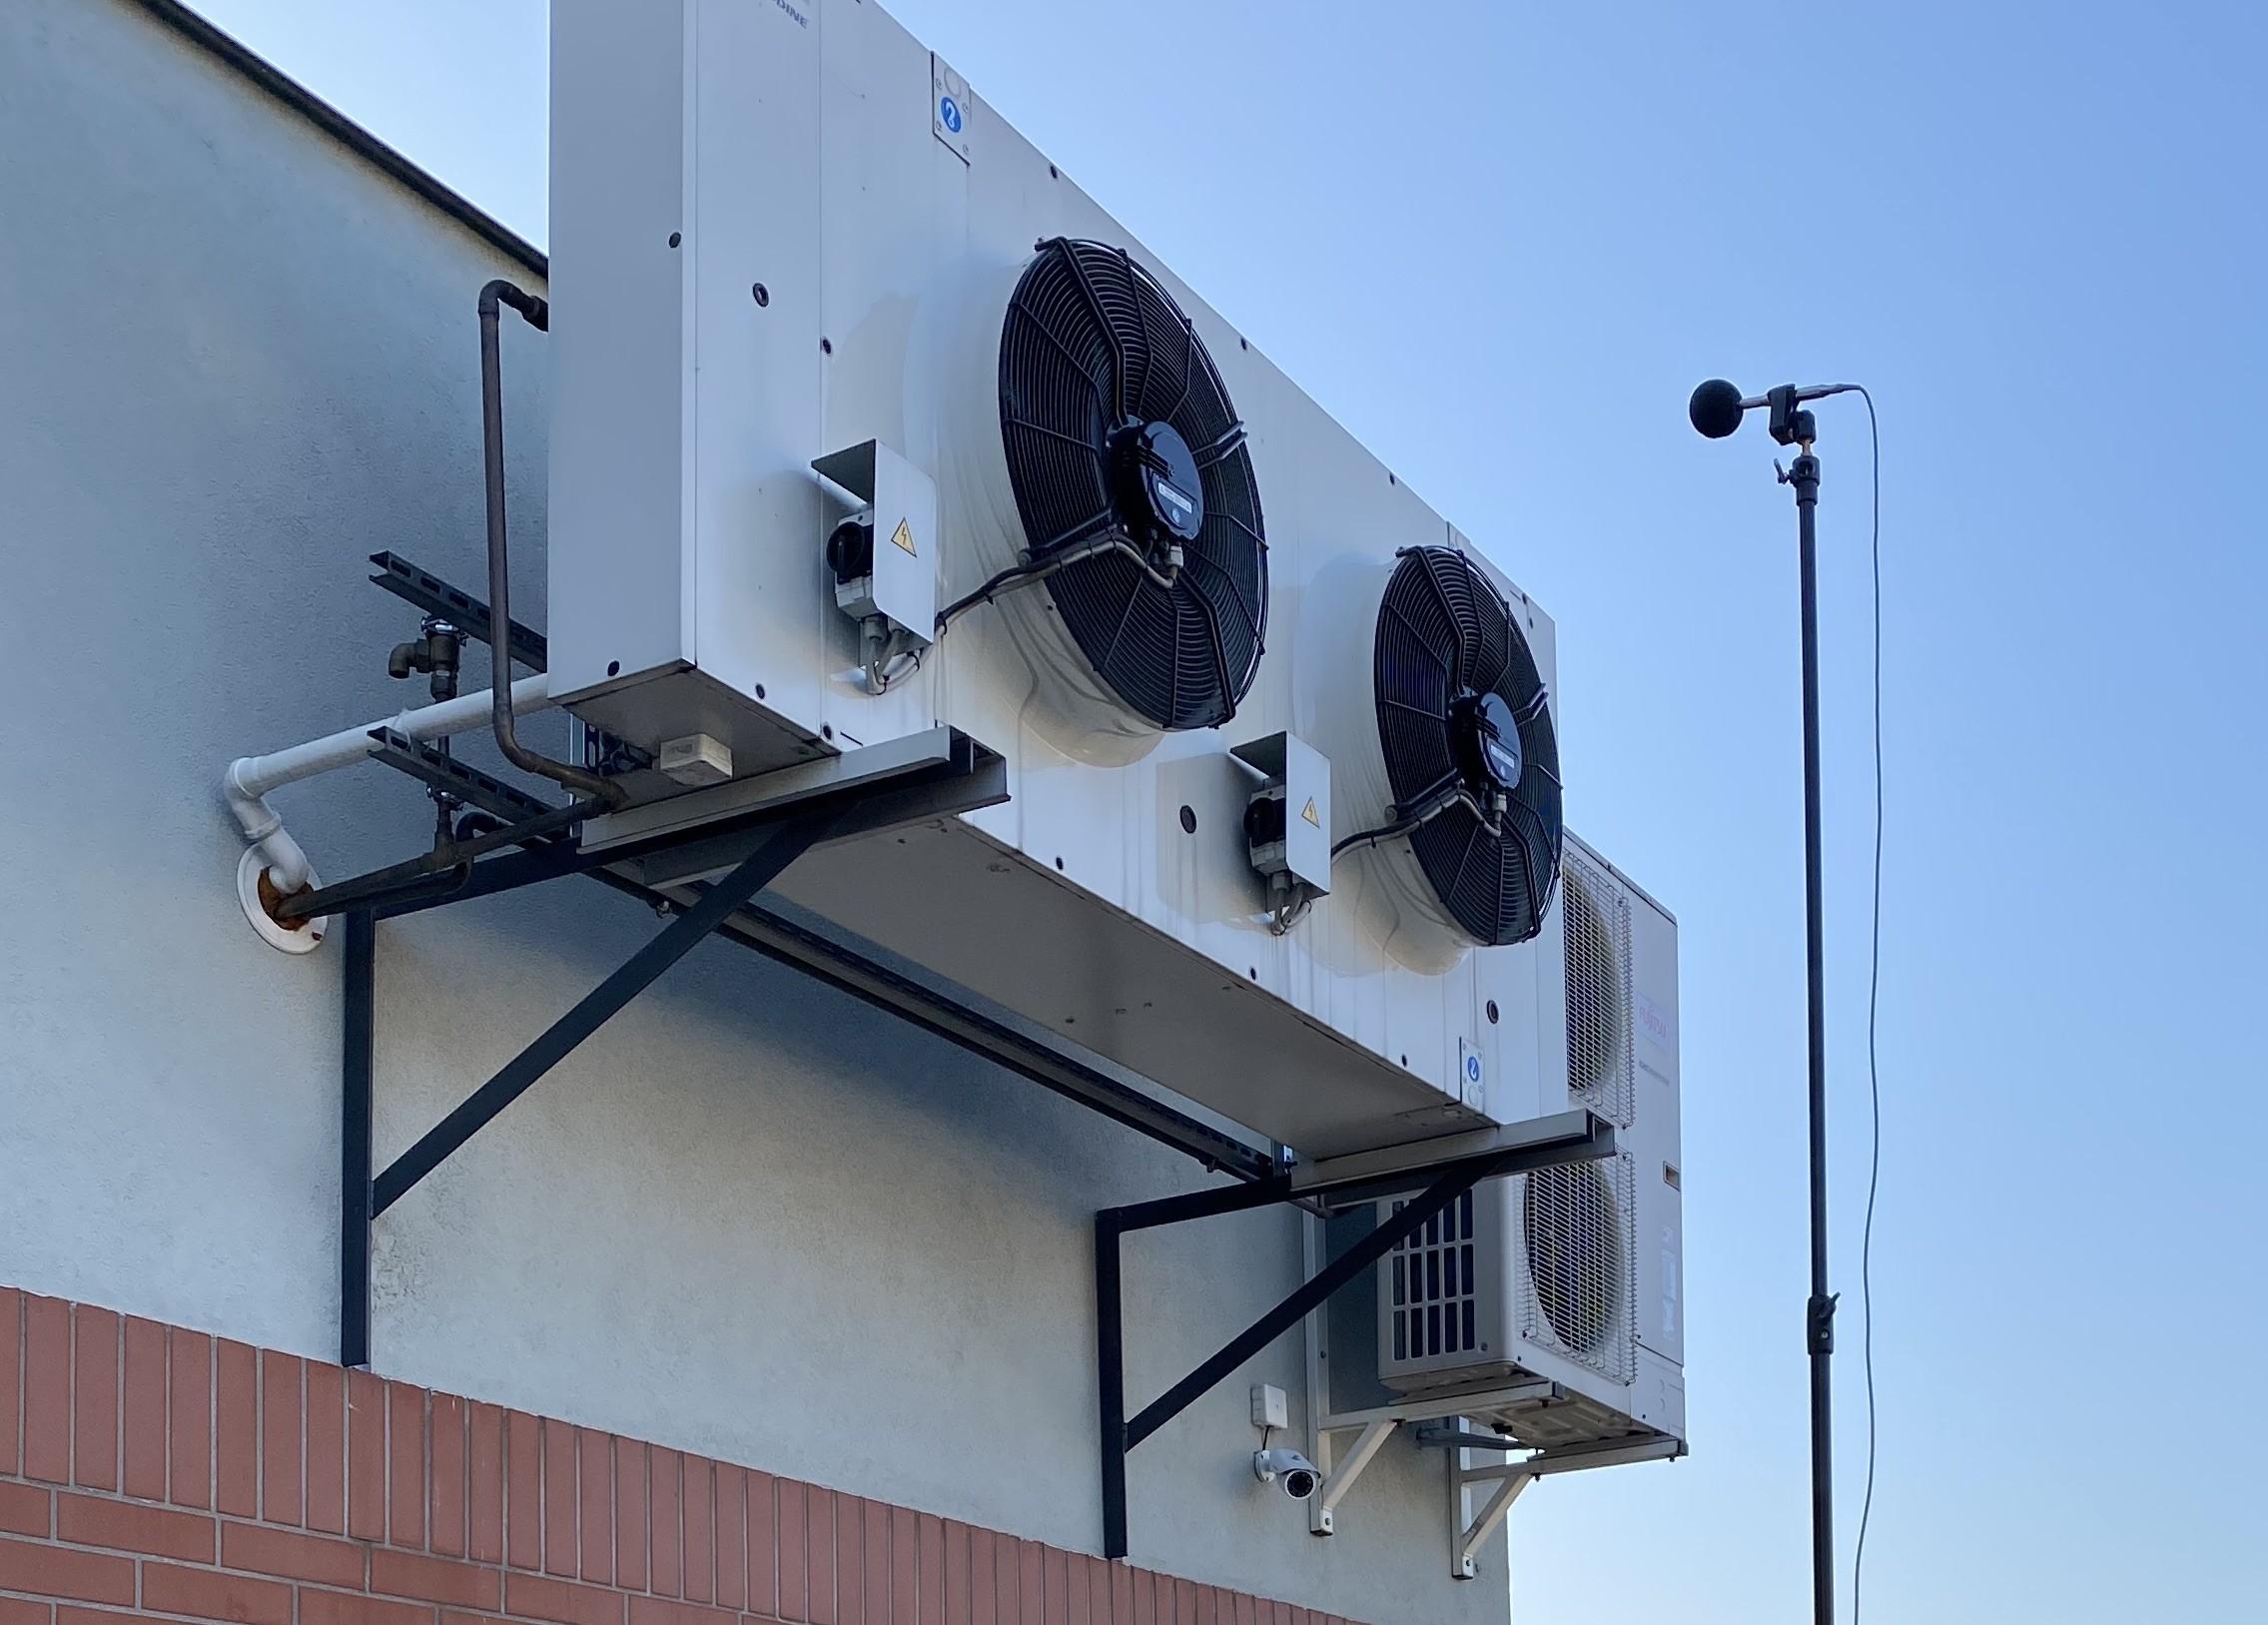 Hałas środowiskowy - przemysłowy - badanie hałasu